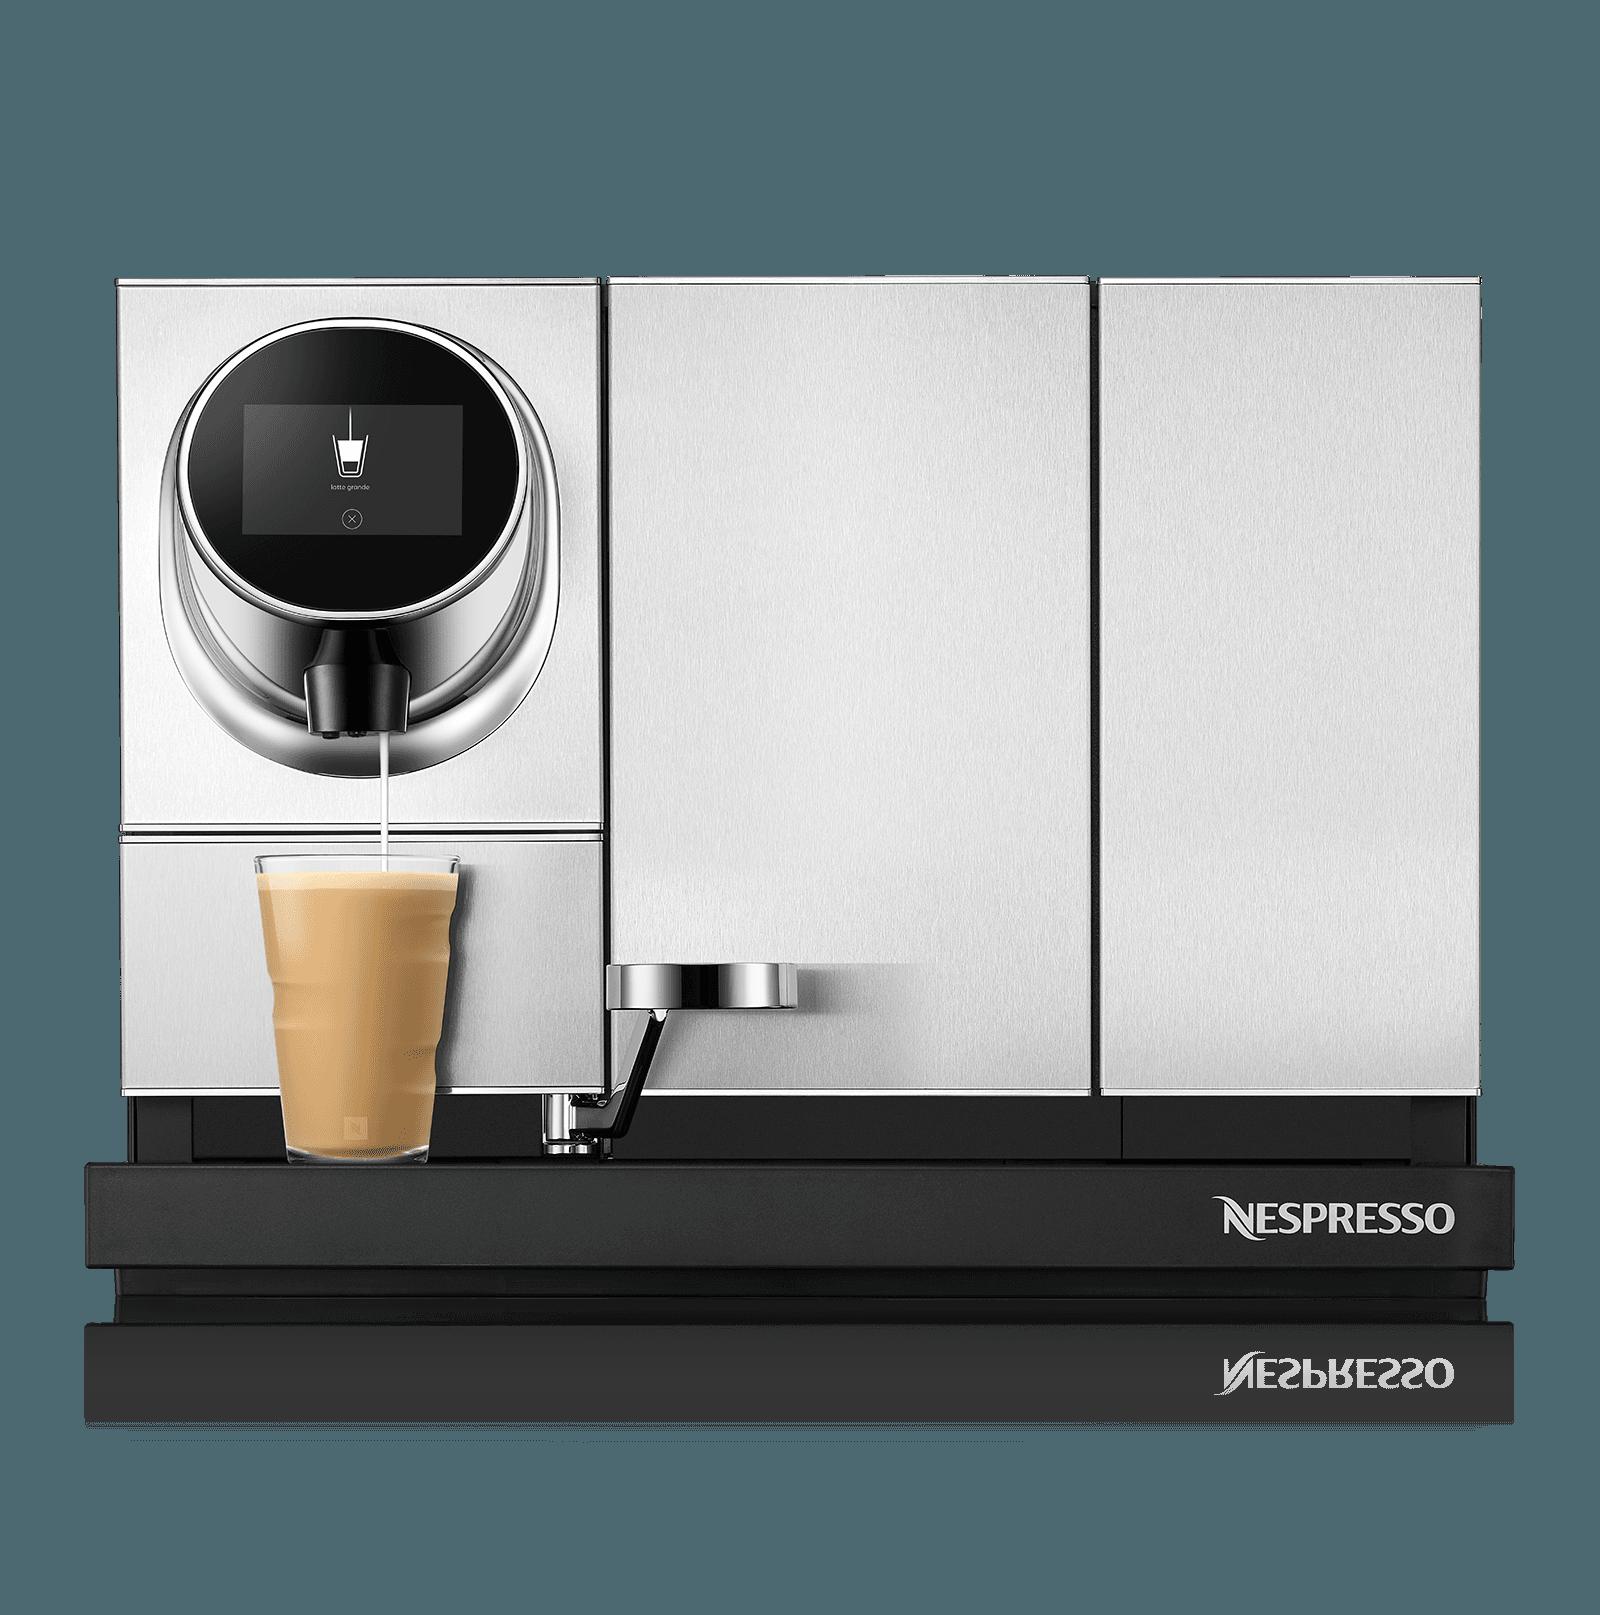 The Nespresso Momento